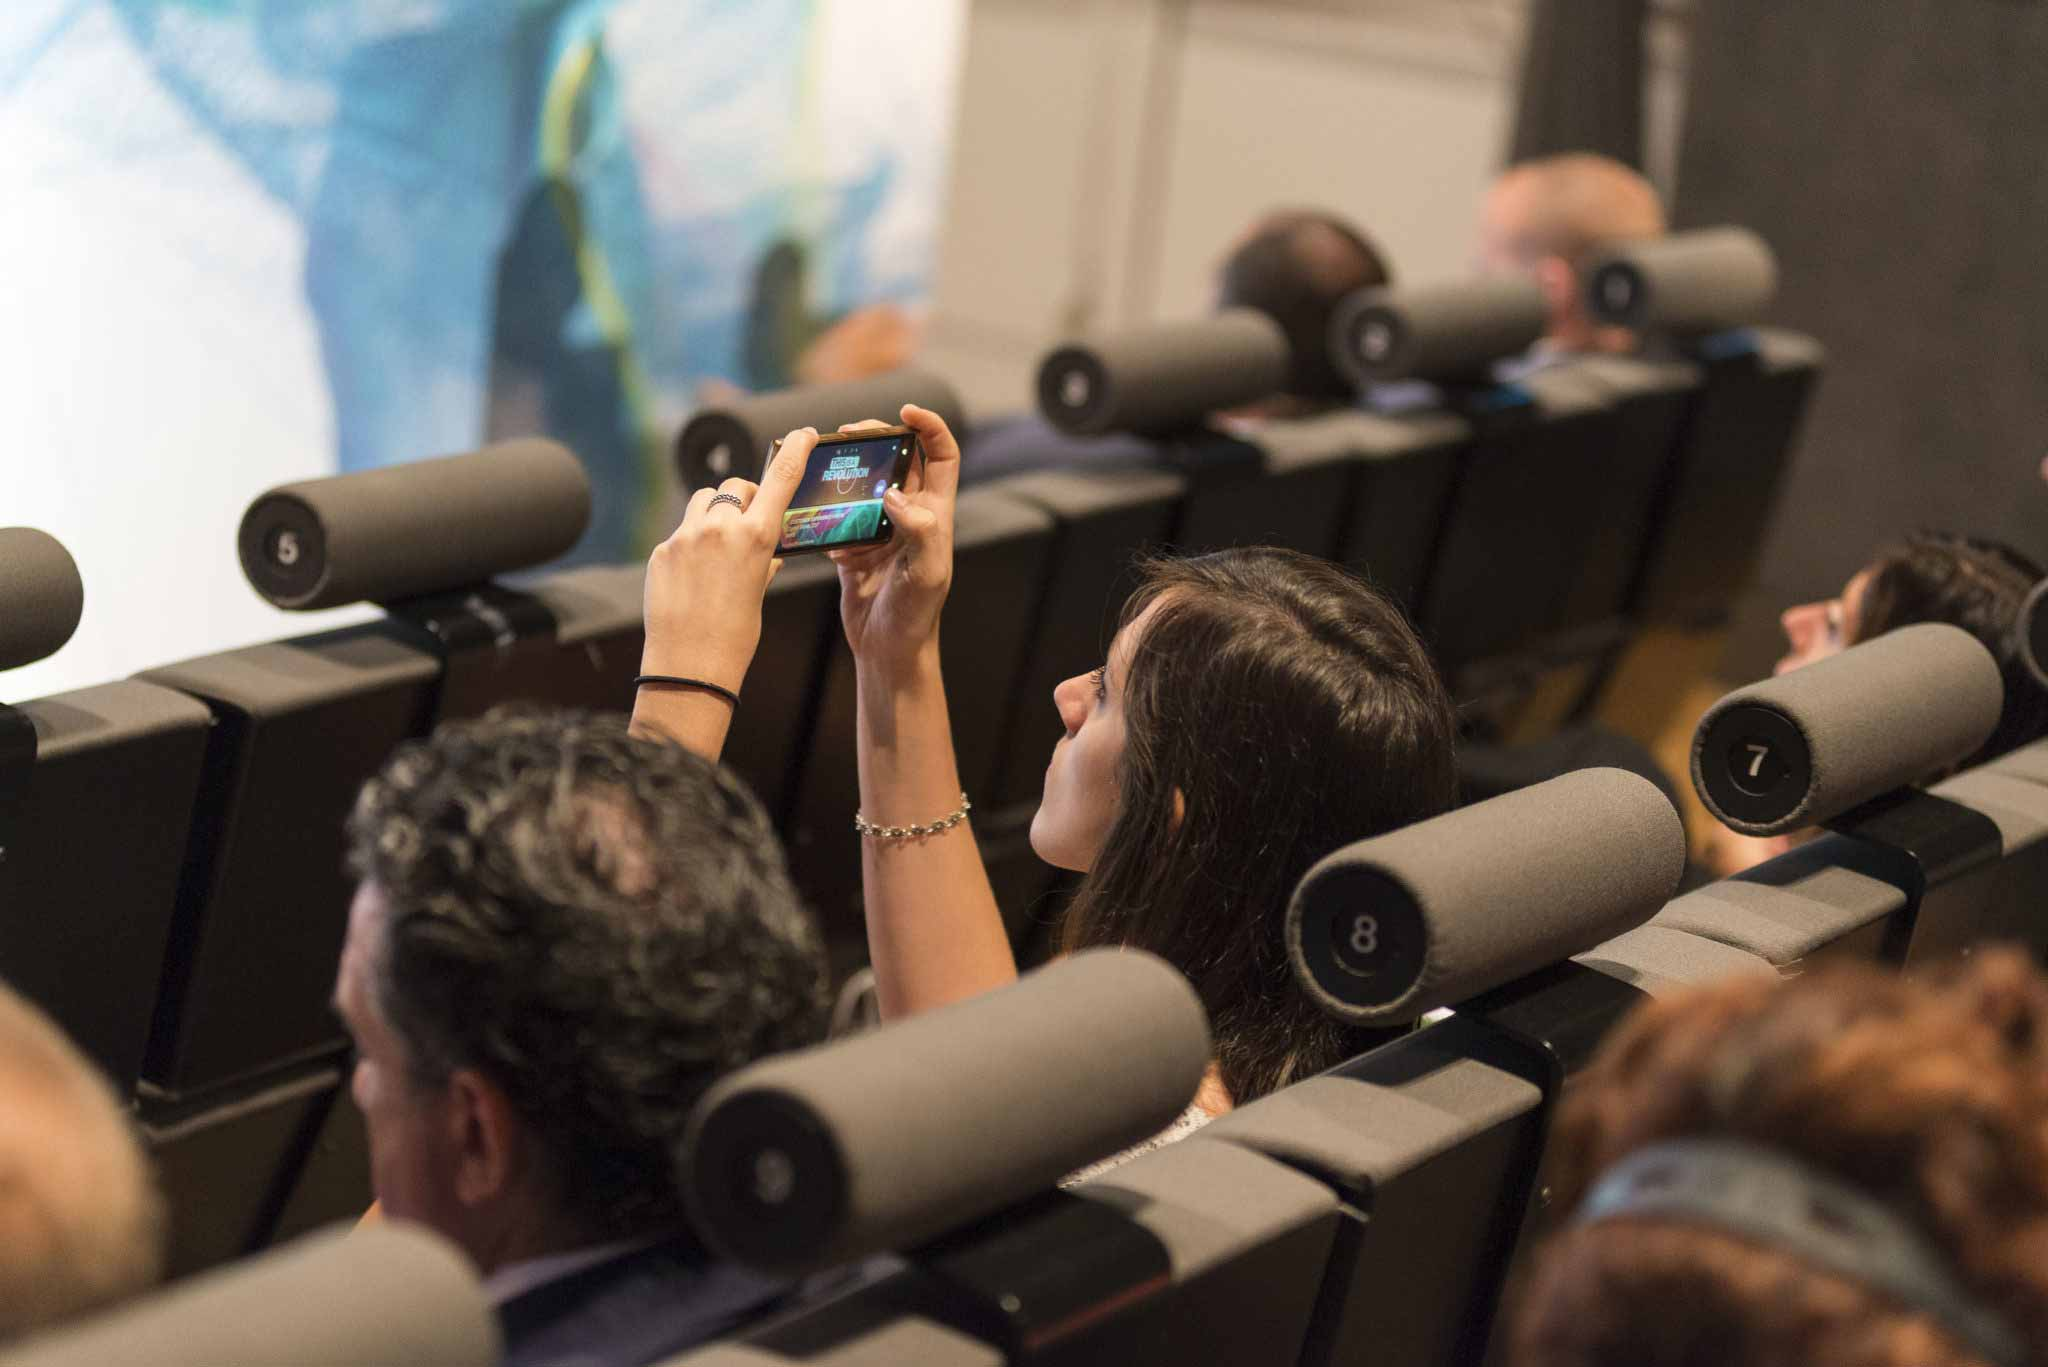 Fotografo per Conferenze a Roma – Adobe Customer Experience Forum #9